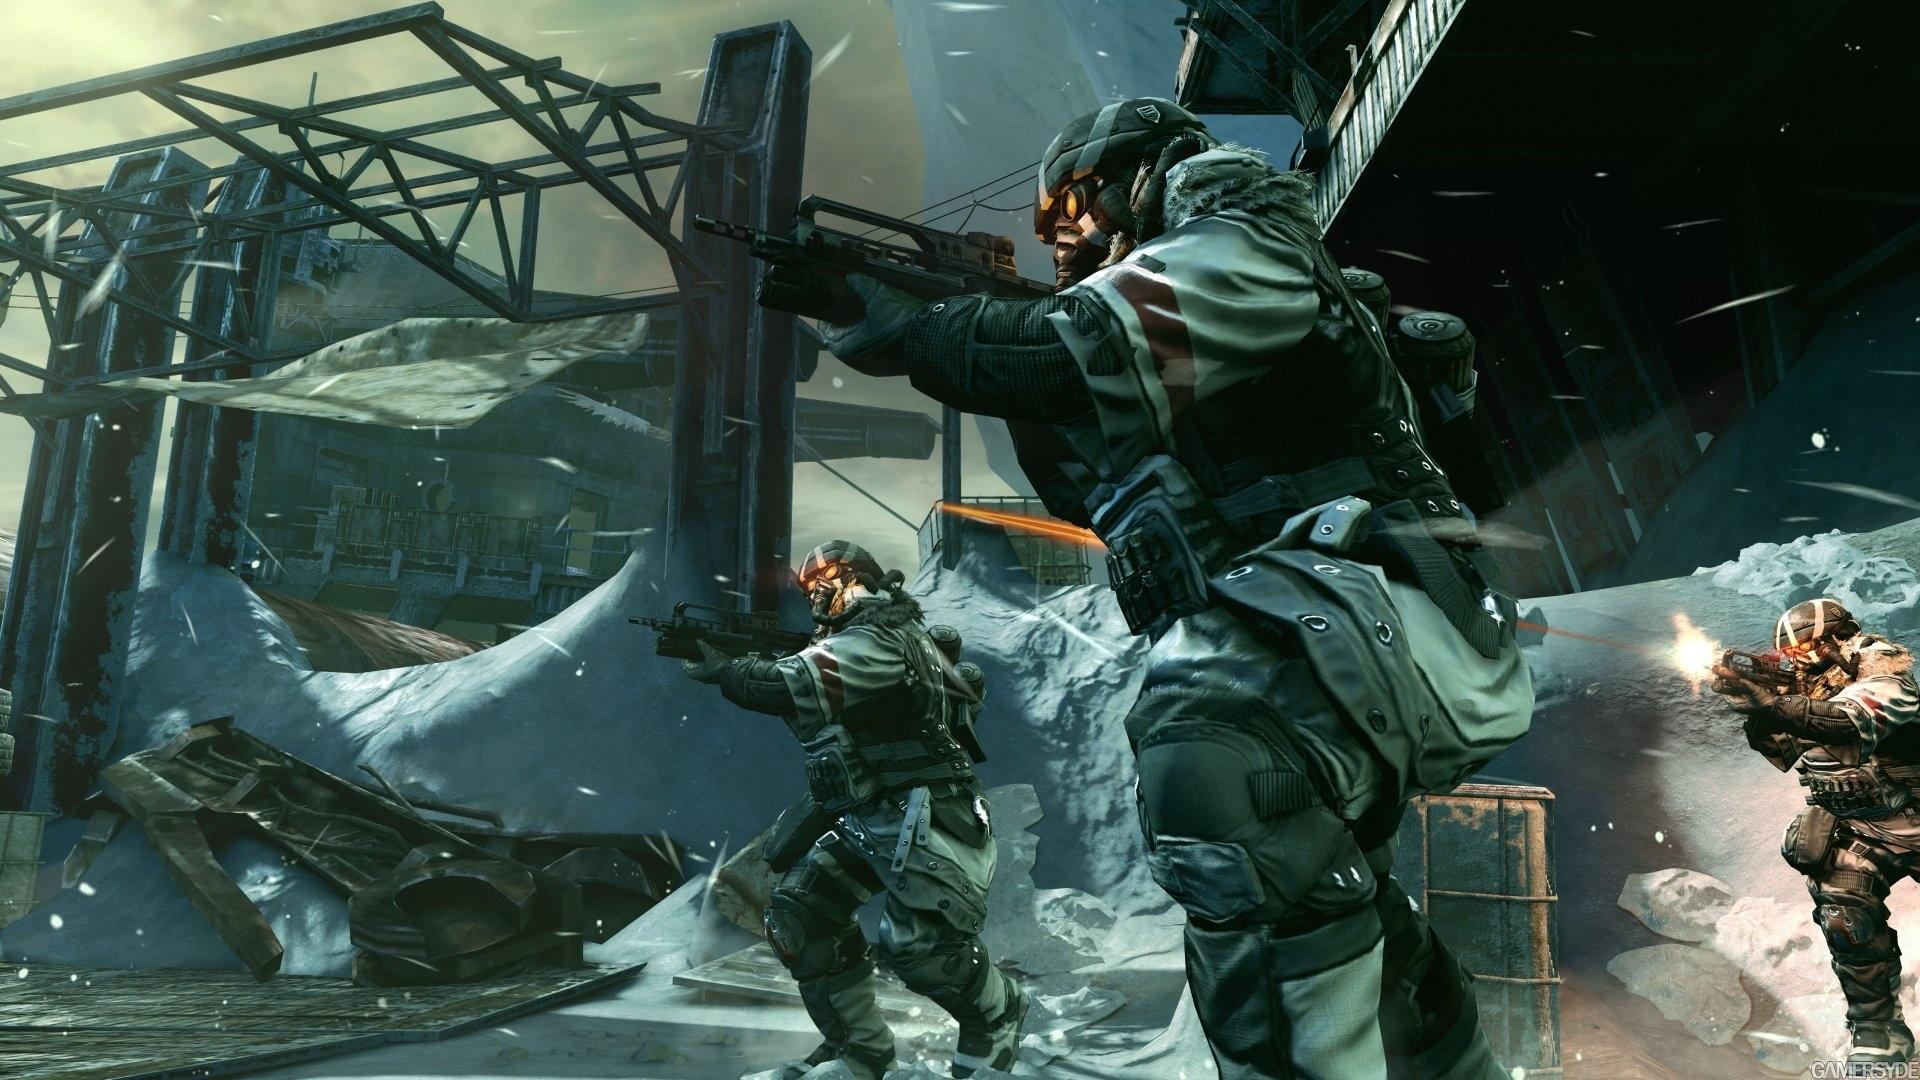 Nové informace a screeny z Killzone 3 + video 2428